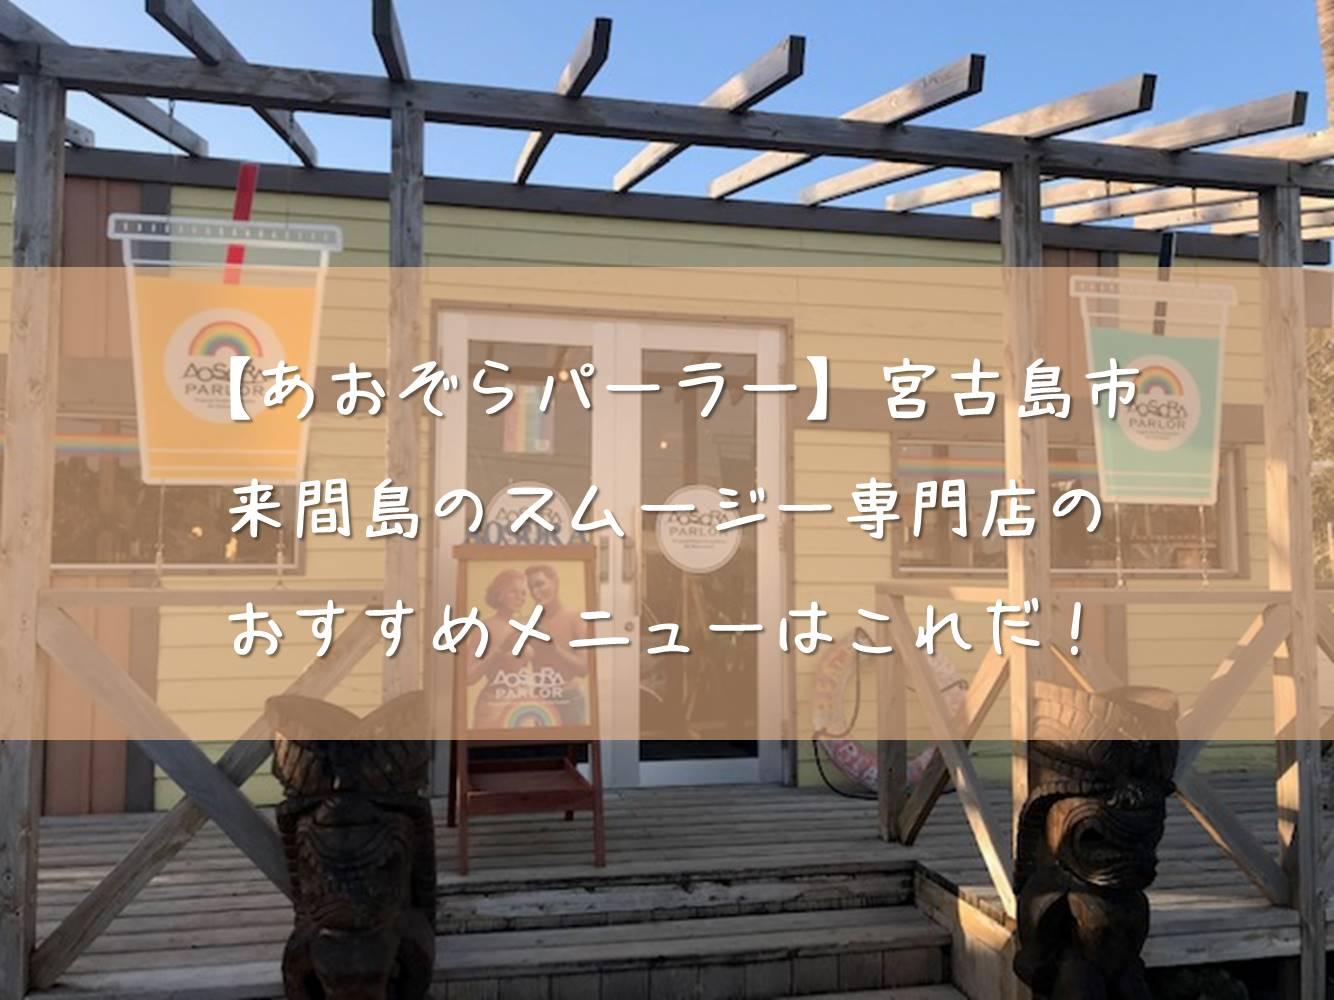 【あおぞらパーラー】宮古島市来間島のスムージー専門店のおすすめメニューはこれだ!